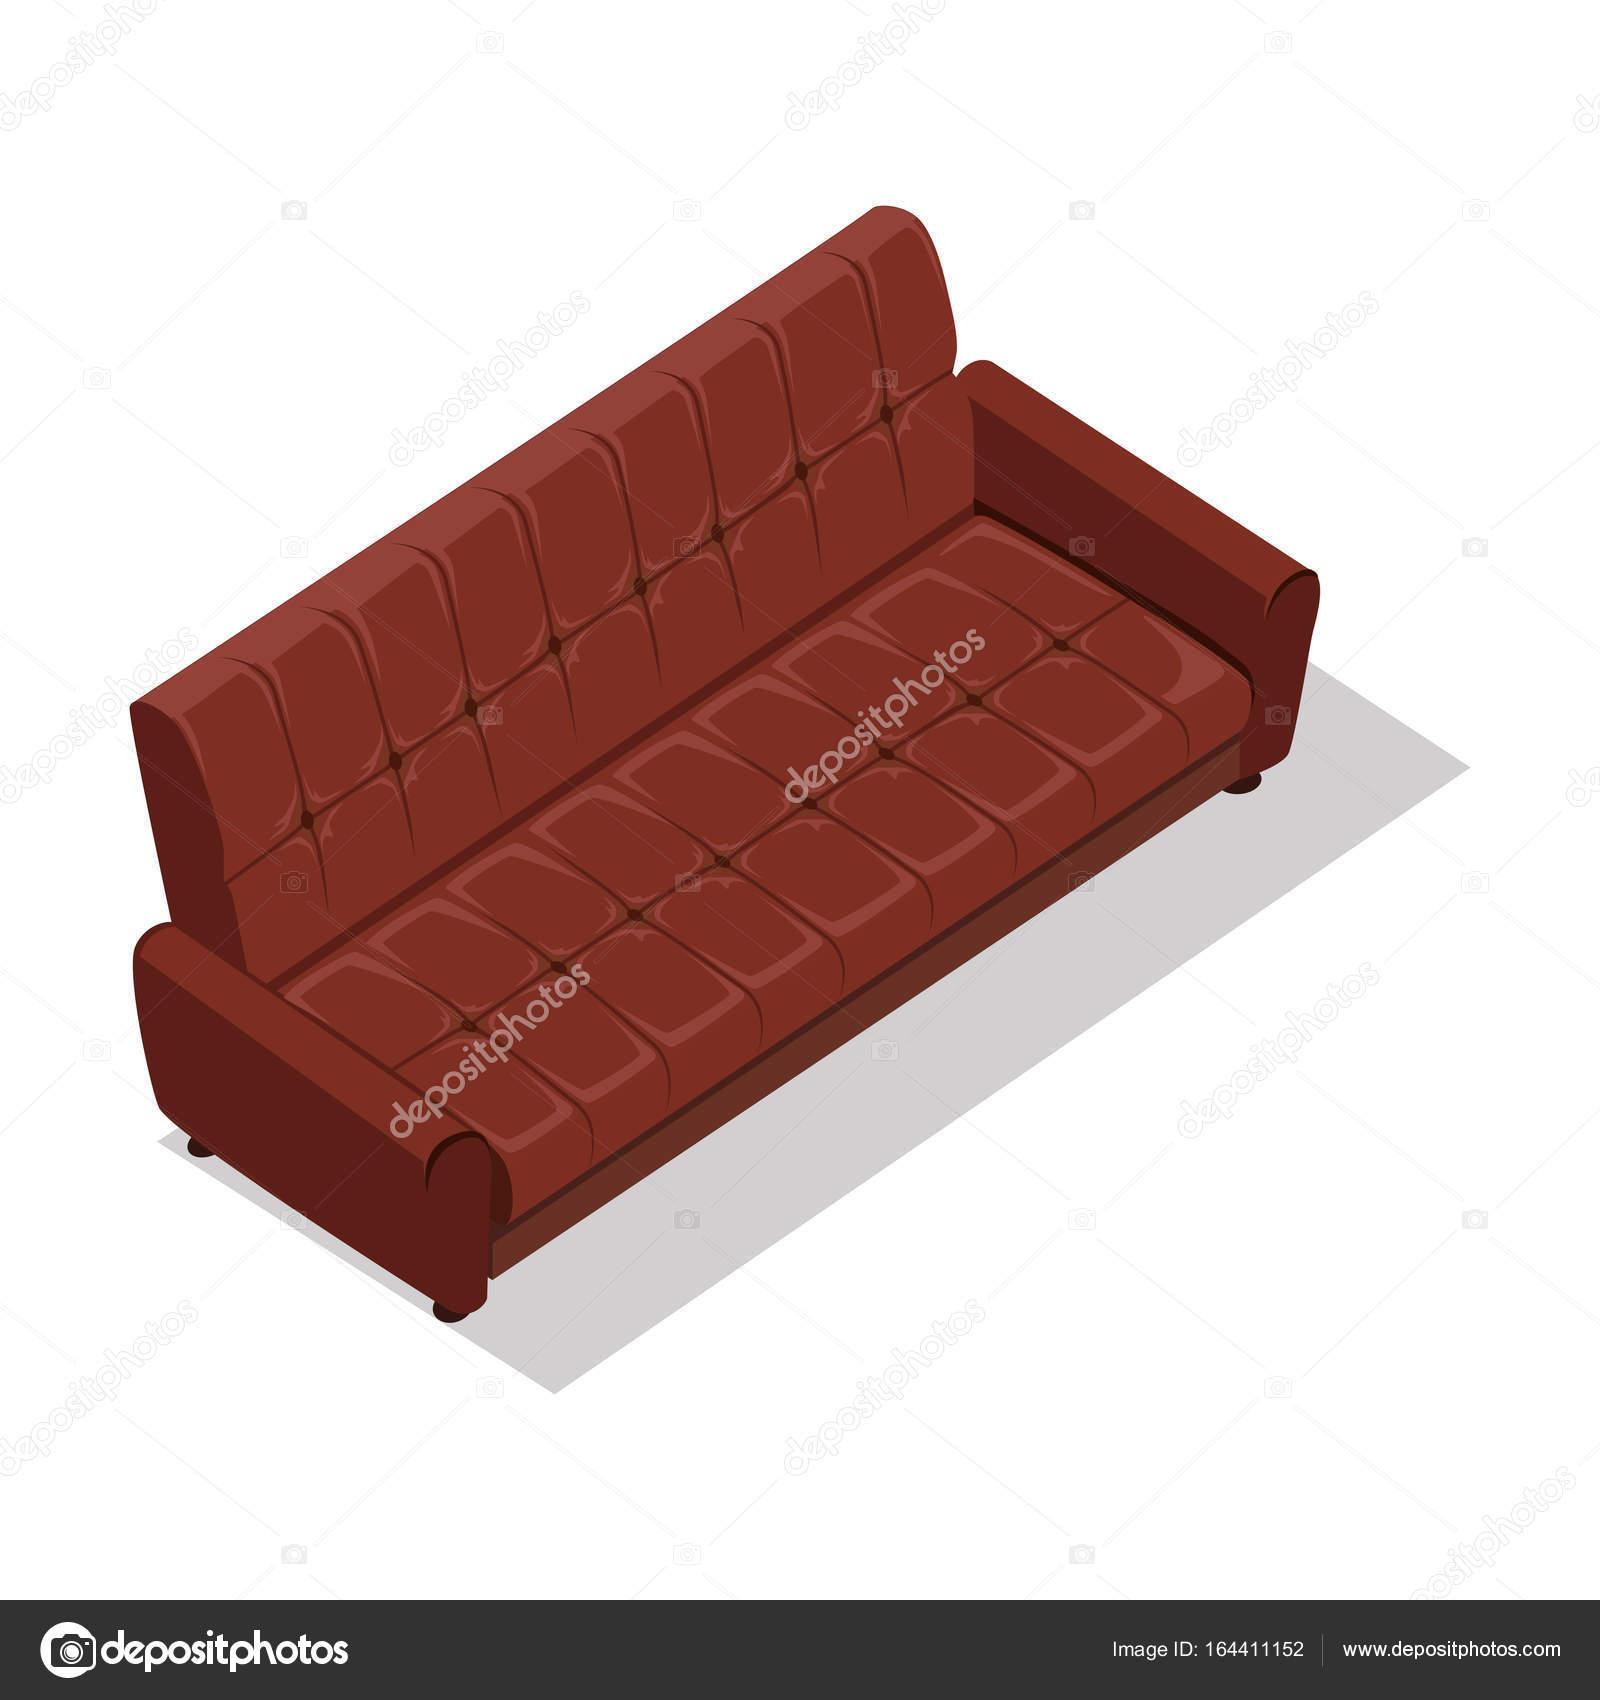 Luxus Ledersofa. Für Moderne Zimmer Rezeption Oder In Der Lounge. Sofa Im  Flat Design. Wohnzimmer Haus Möbel. Detailliertes Modell Abbildung.